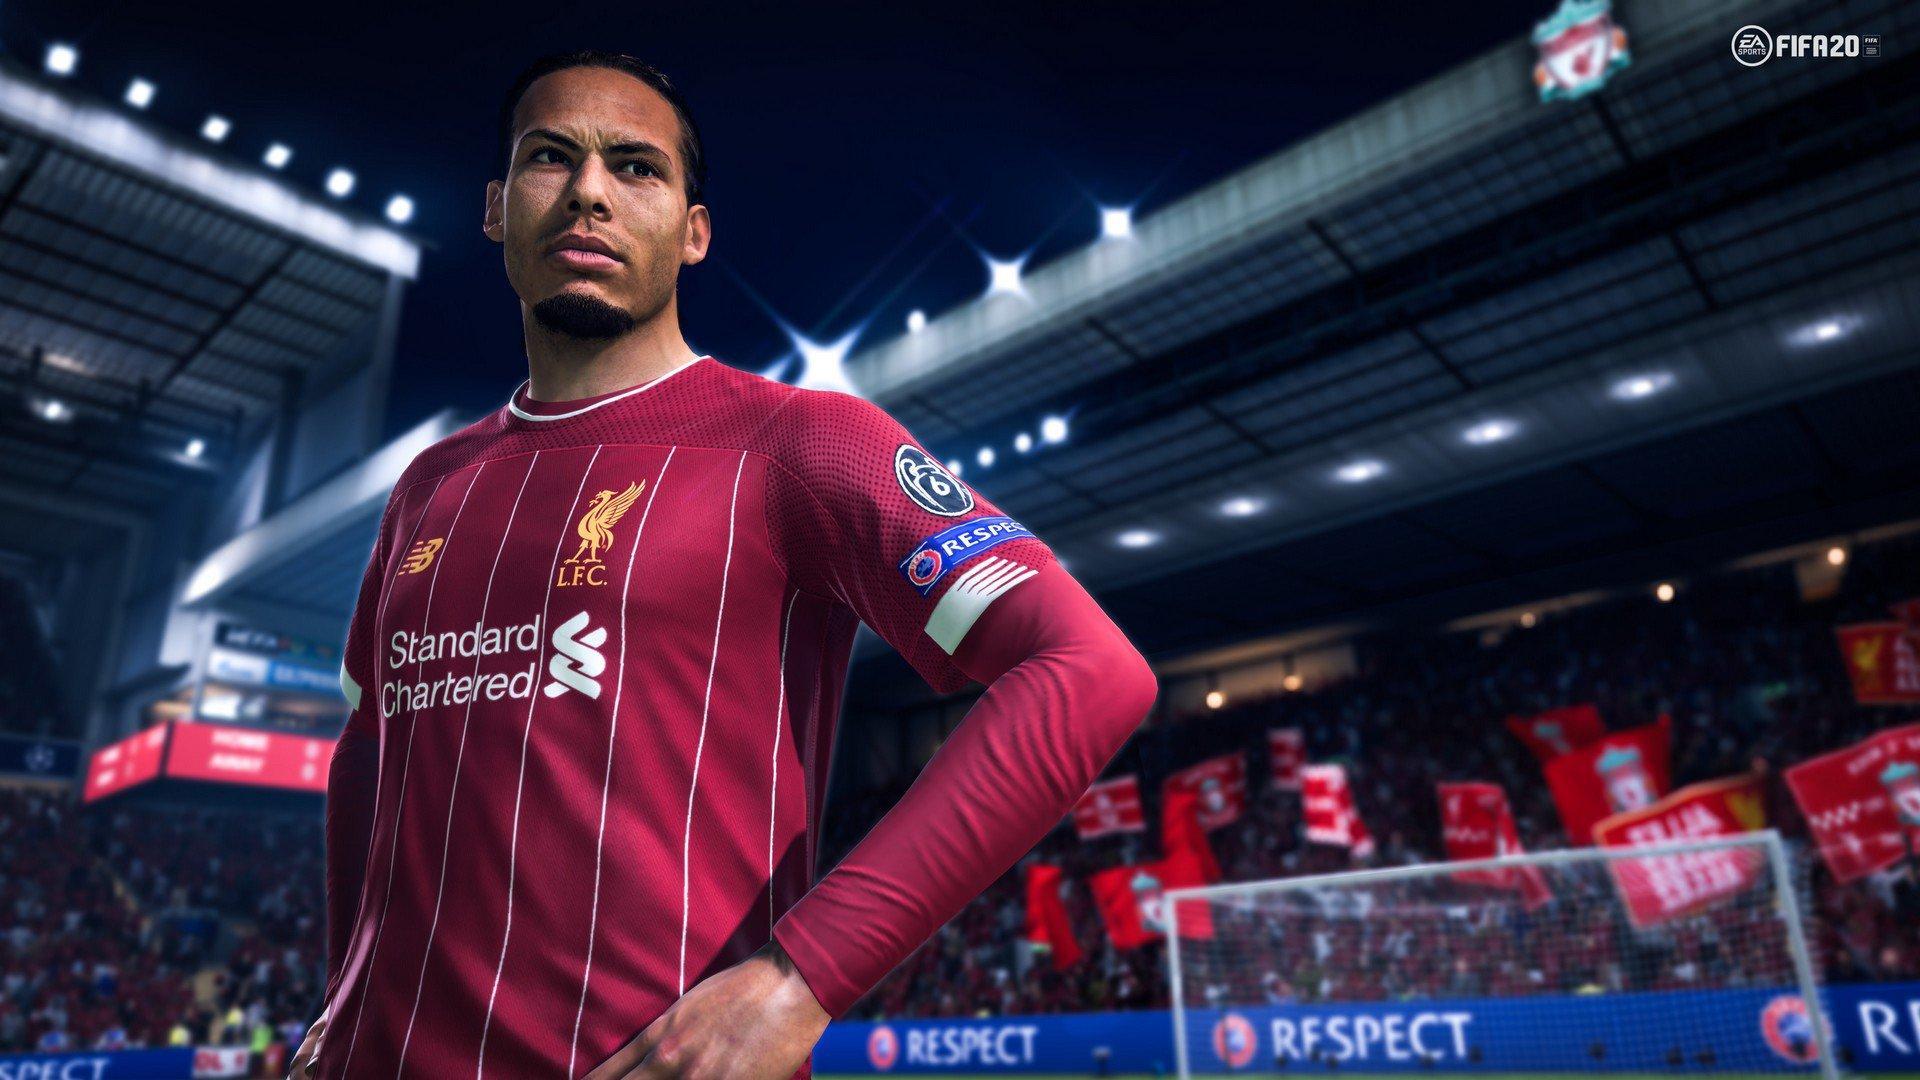 FIFA 20 - Nuove immagini con le stelle del calcio europeo